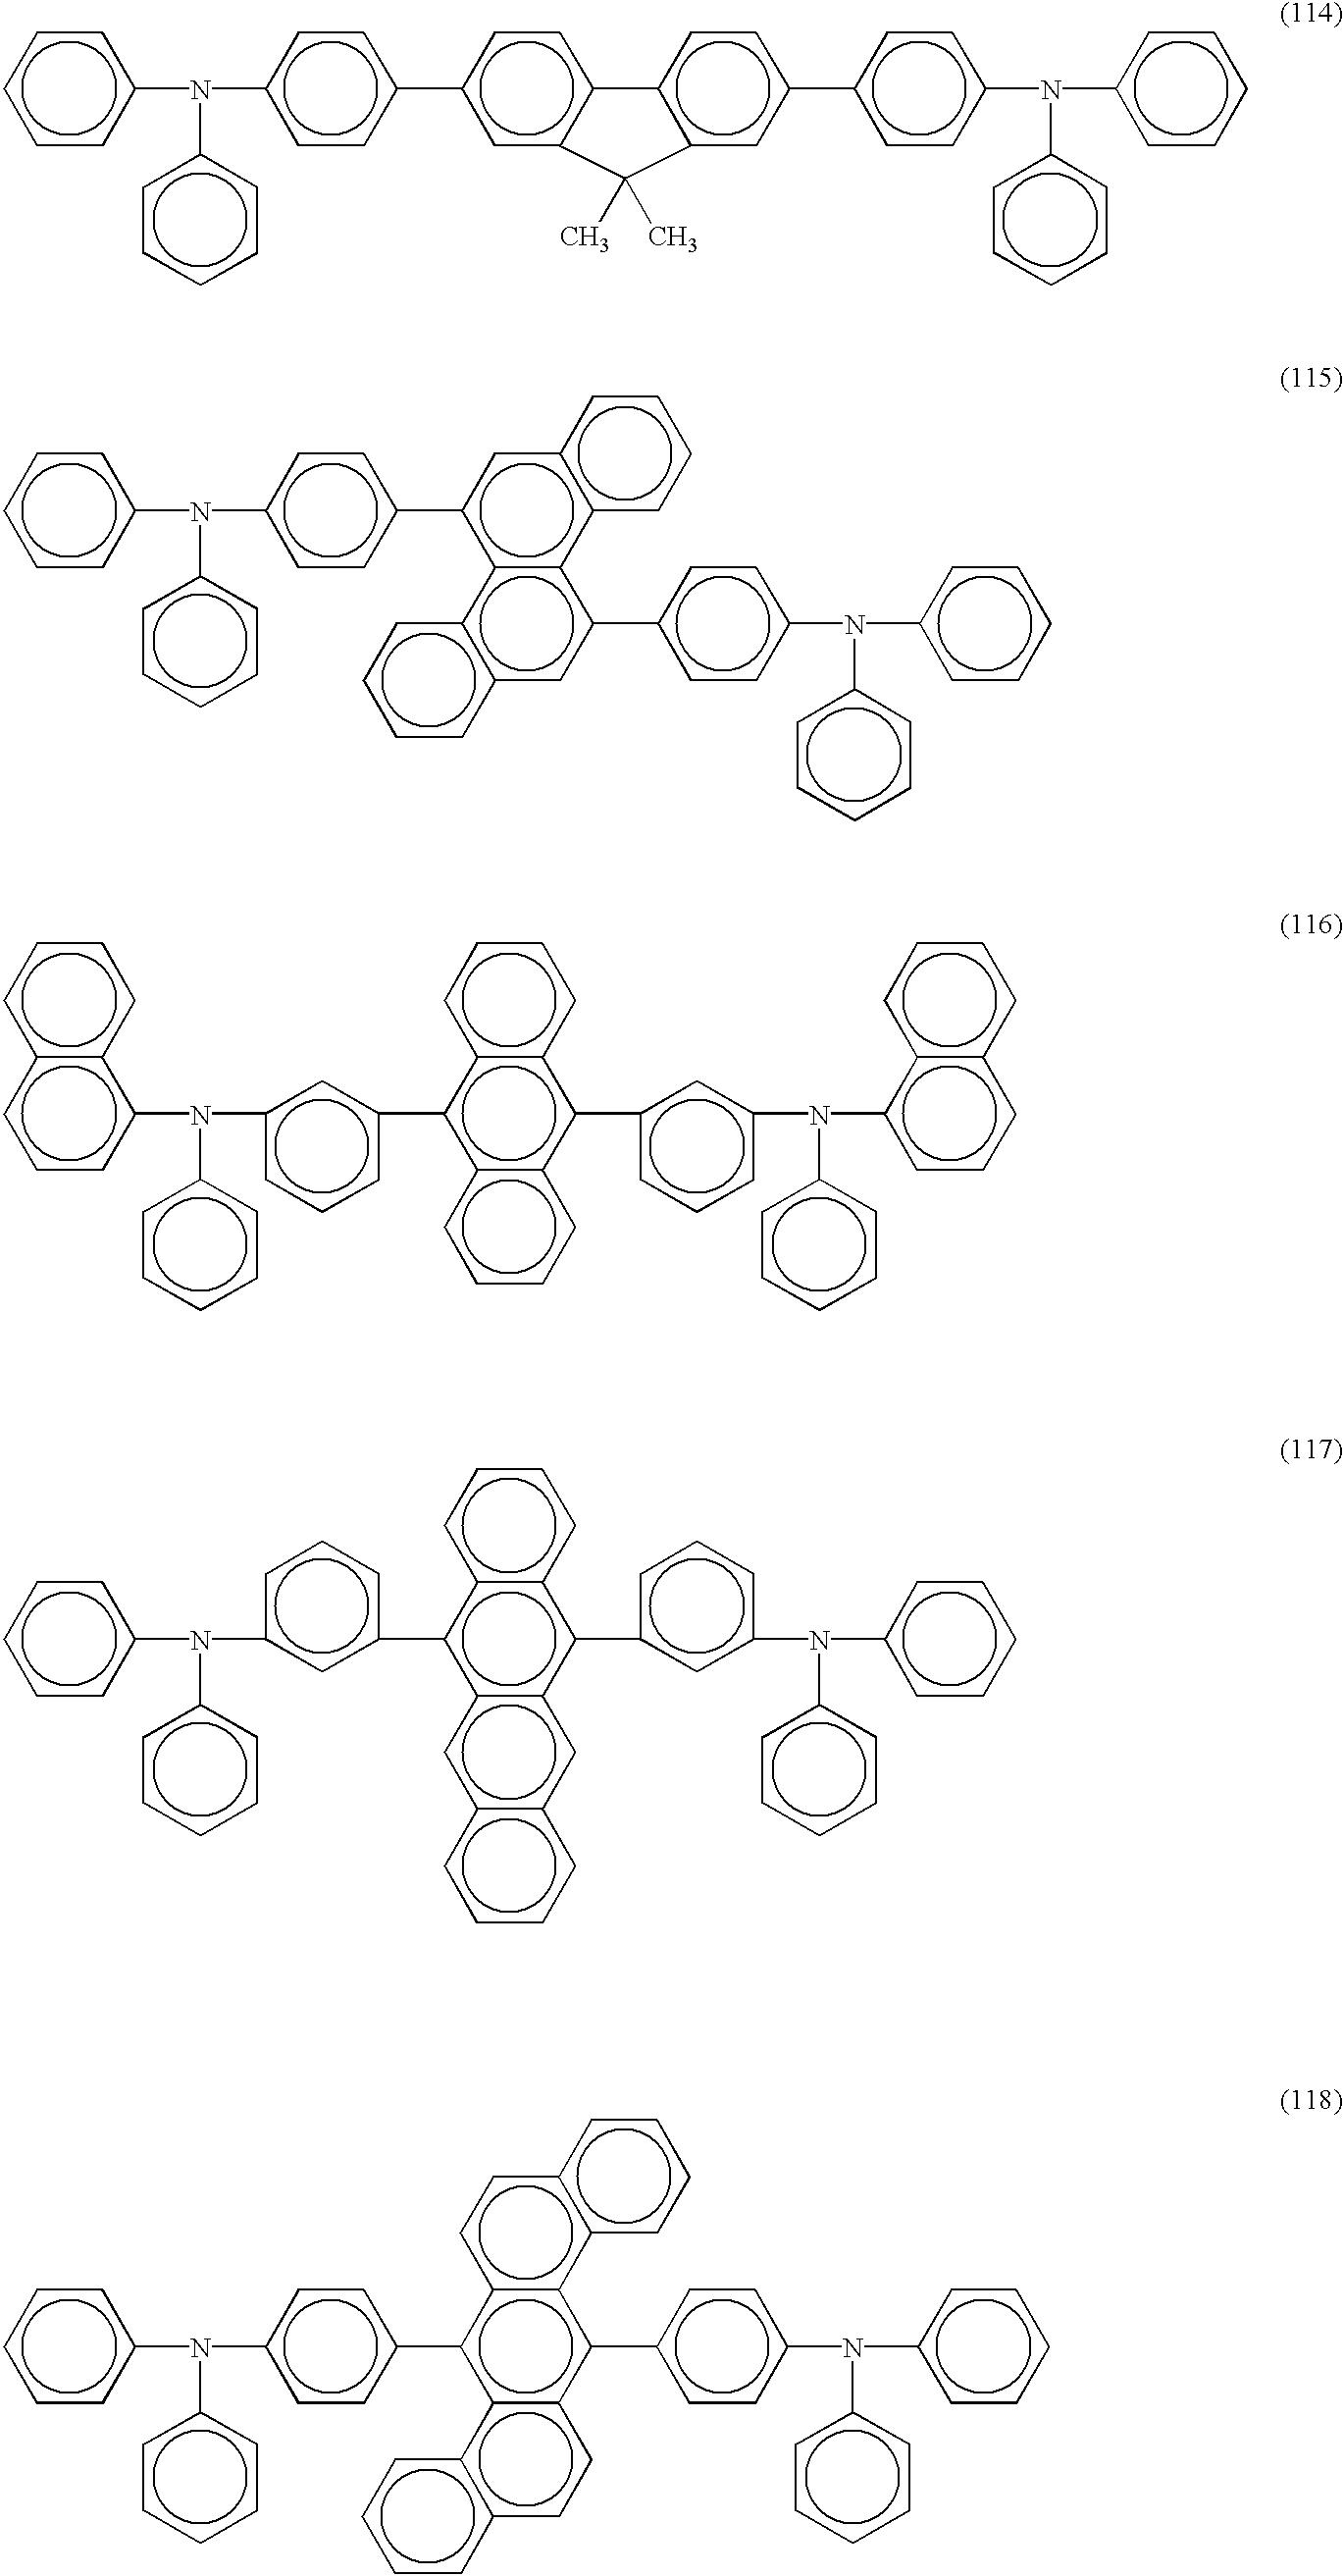 Figure US06743948-20040601-C00057